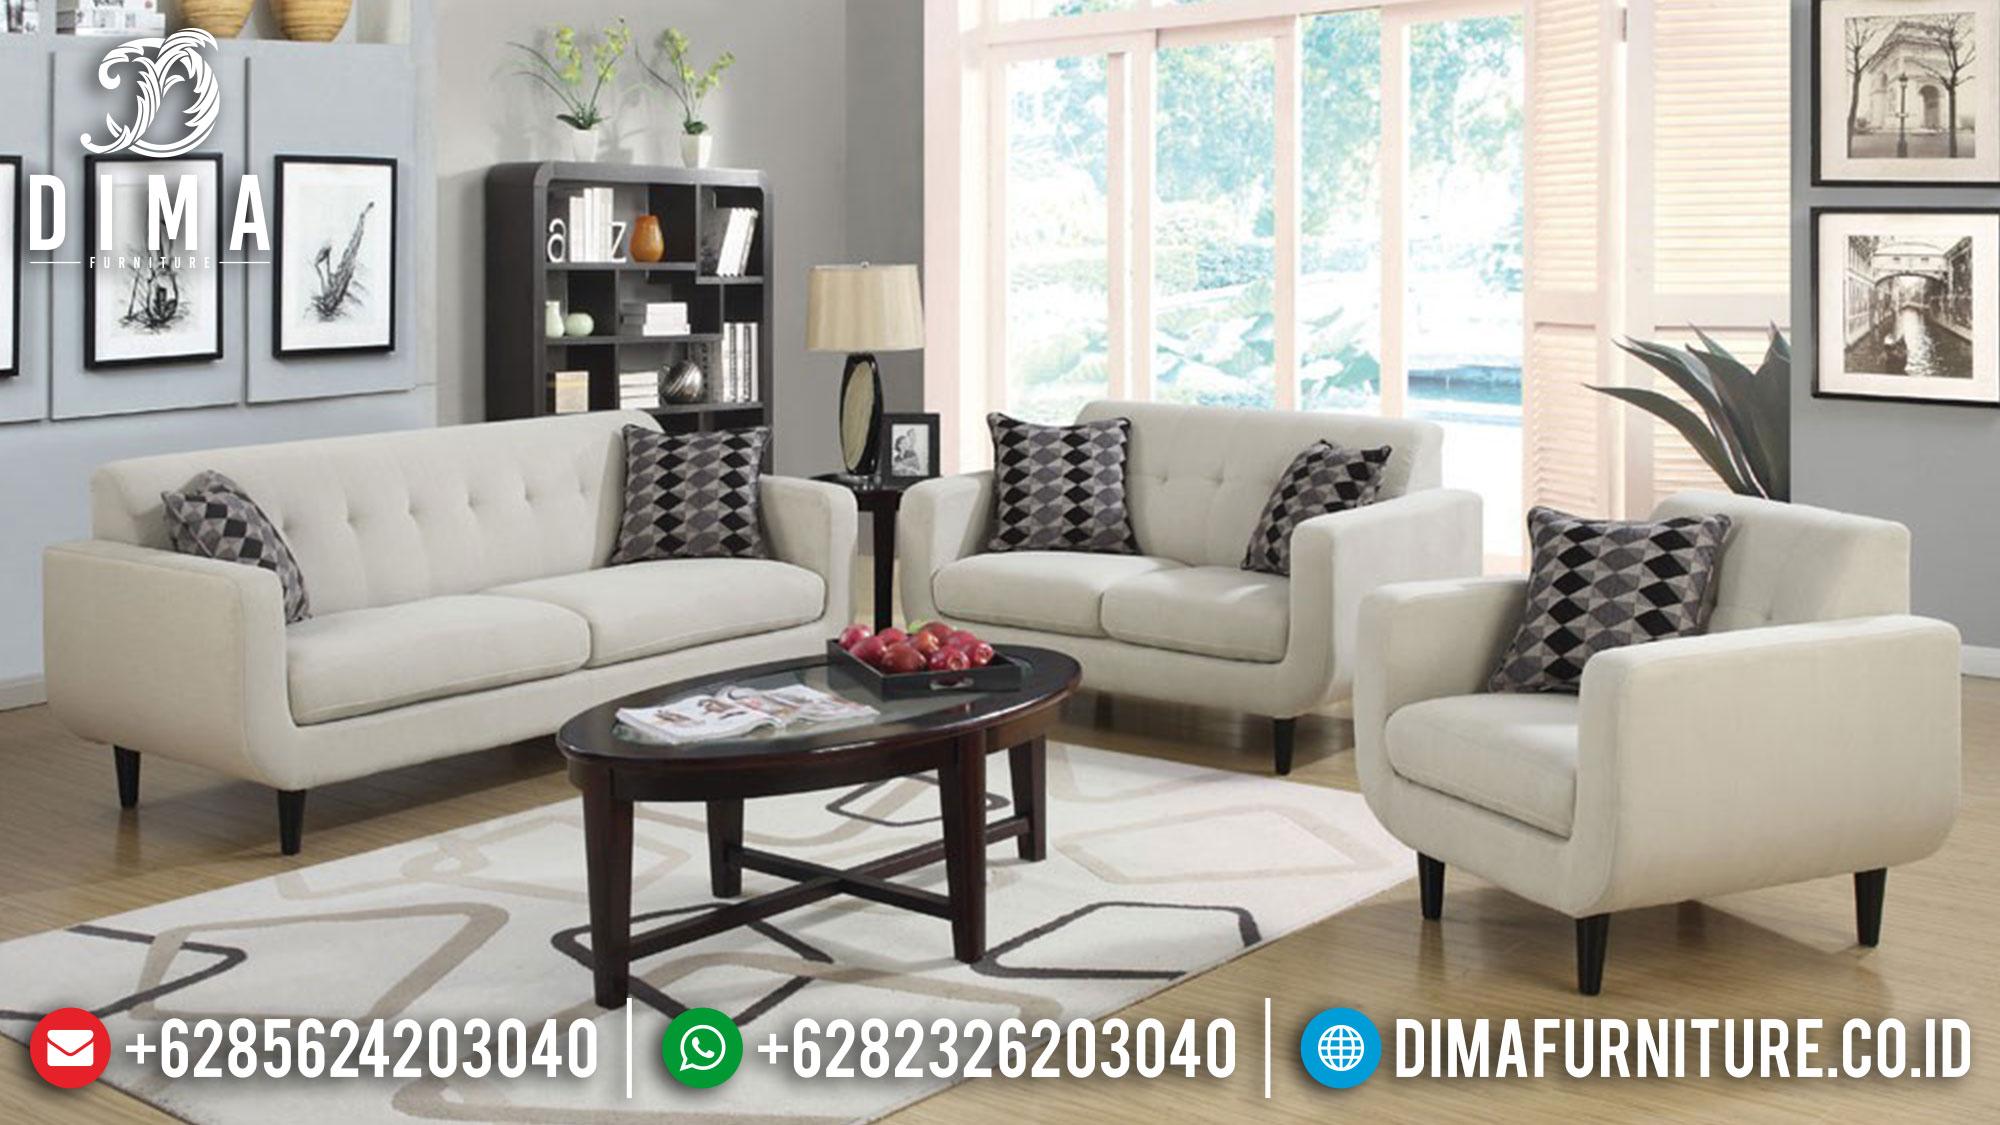 Sofa Tamu Jepara Mewah Minimalis Terbaru 25 Dima Furniture Jepara